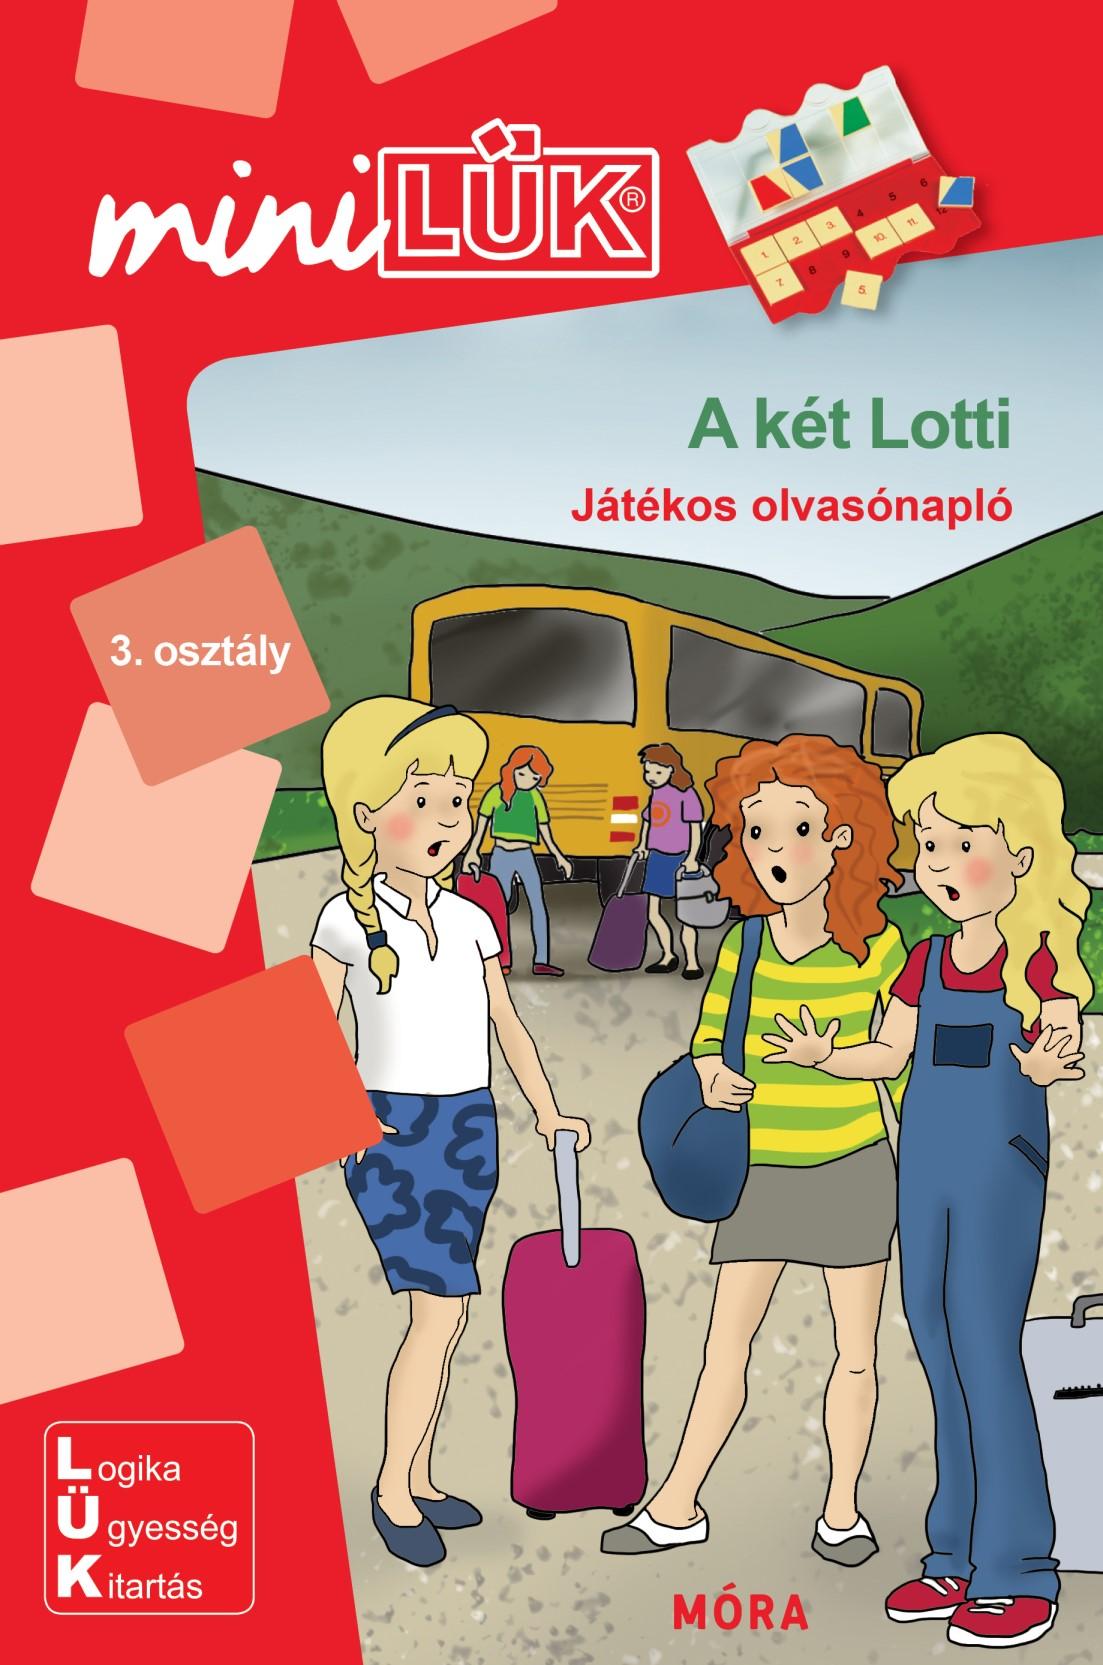 A két Lotti - Játékos olvasónapló - MiniLÜK - Móra EDU